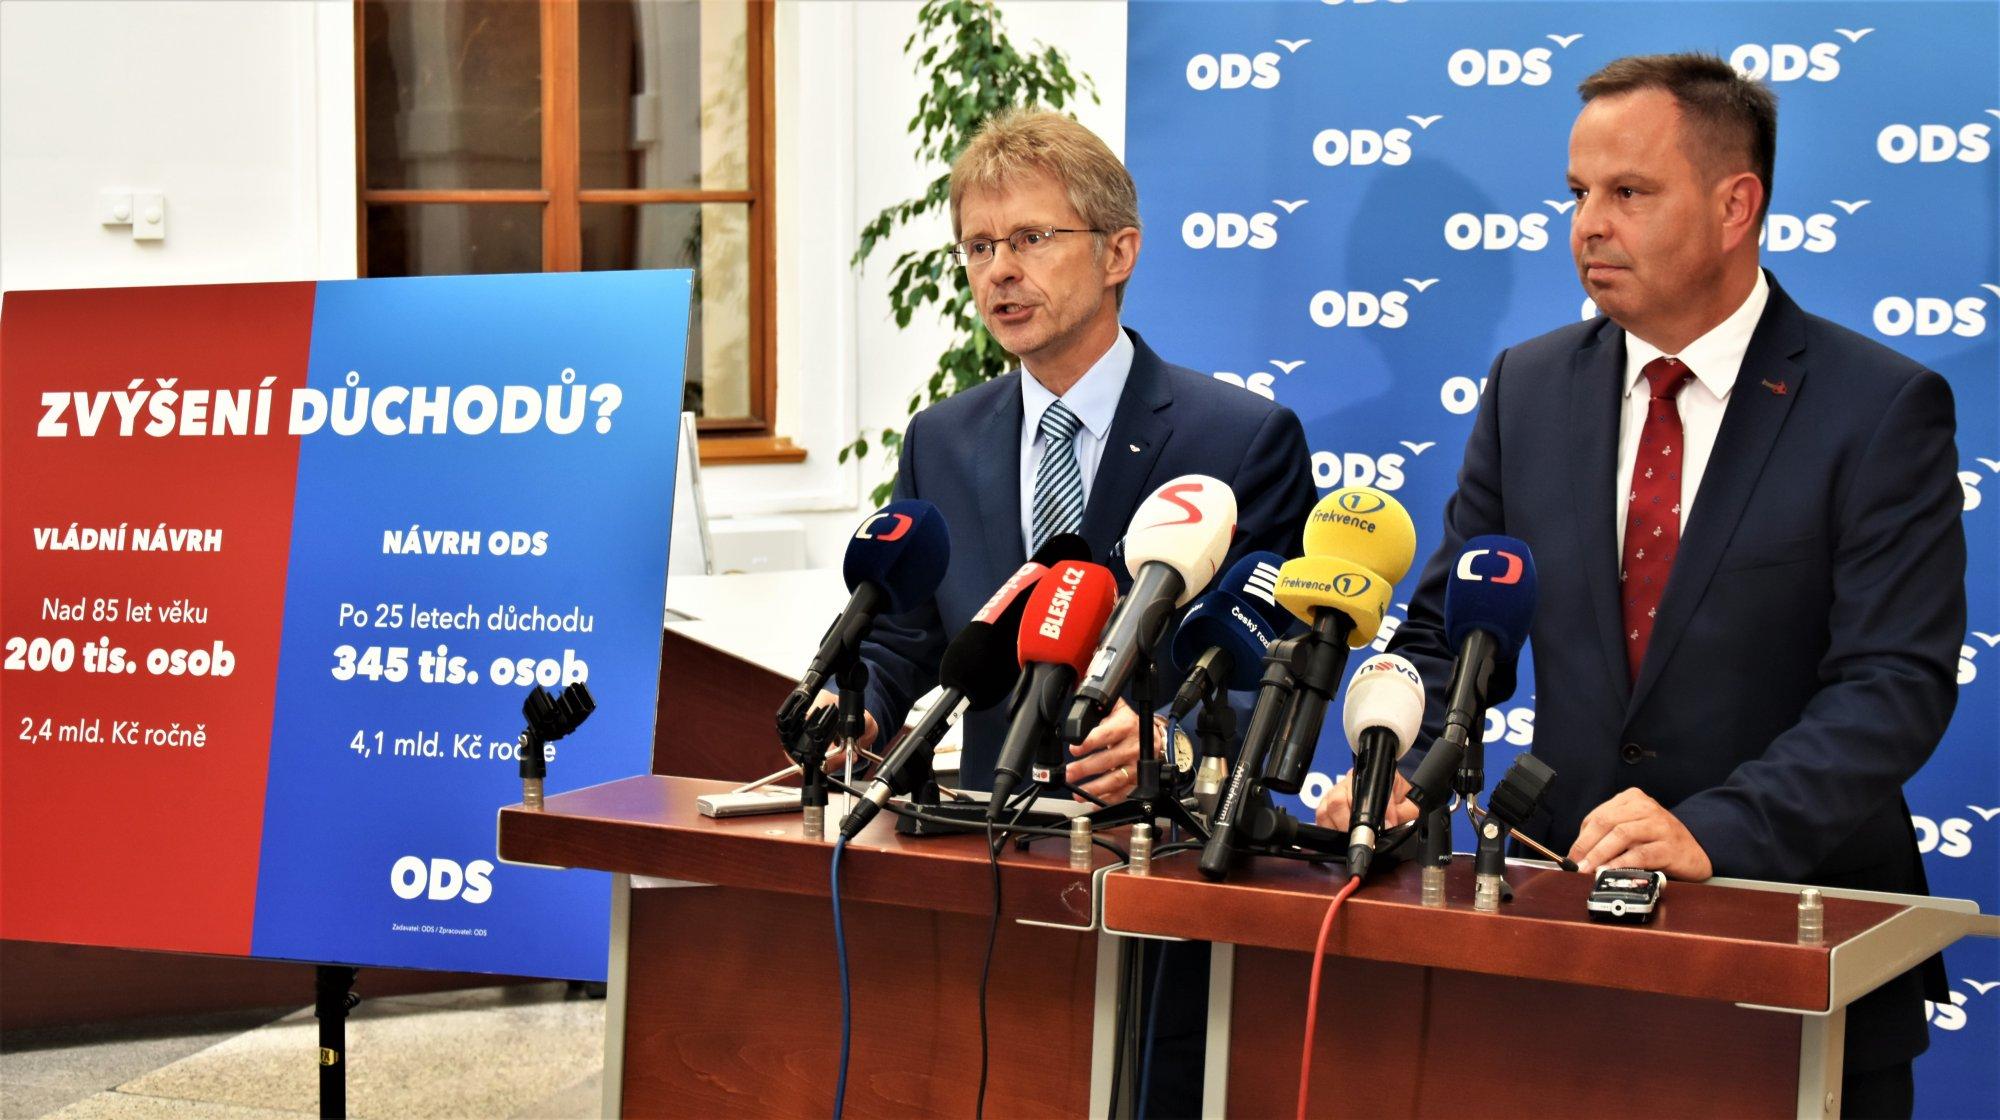 ODS: Ať vláda řekne, co od důchodové komise vlastně chce